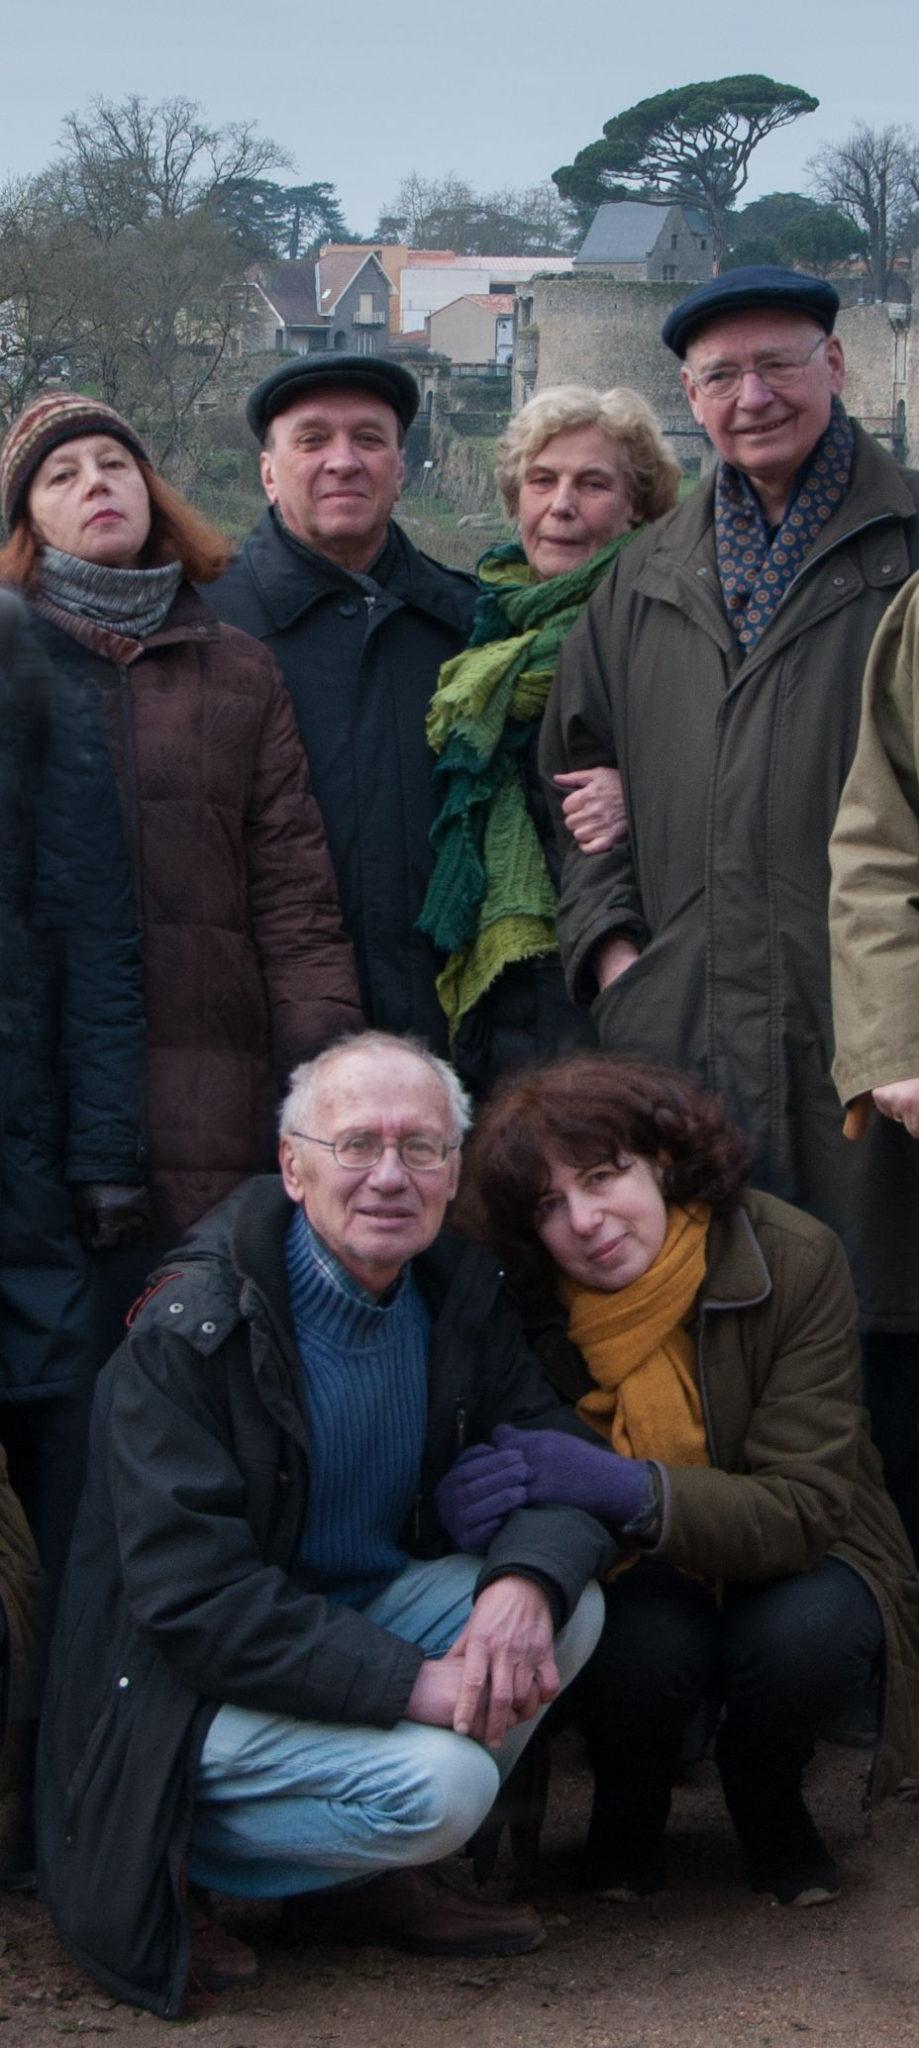 Ева и Йенс Райх со своими российскими друзьями с ¬1970-х годов, Семёновыми и Левицкими. Нант (Франция), январь 2015 года